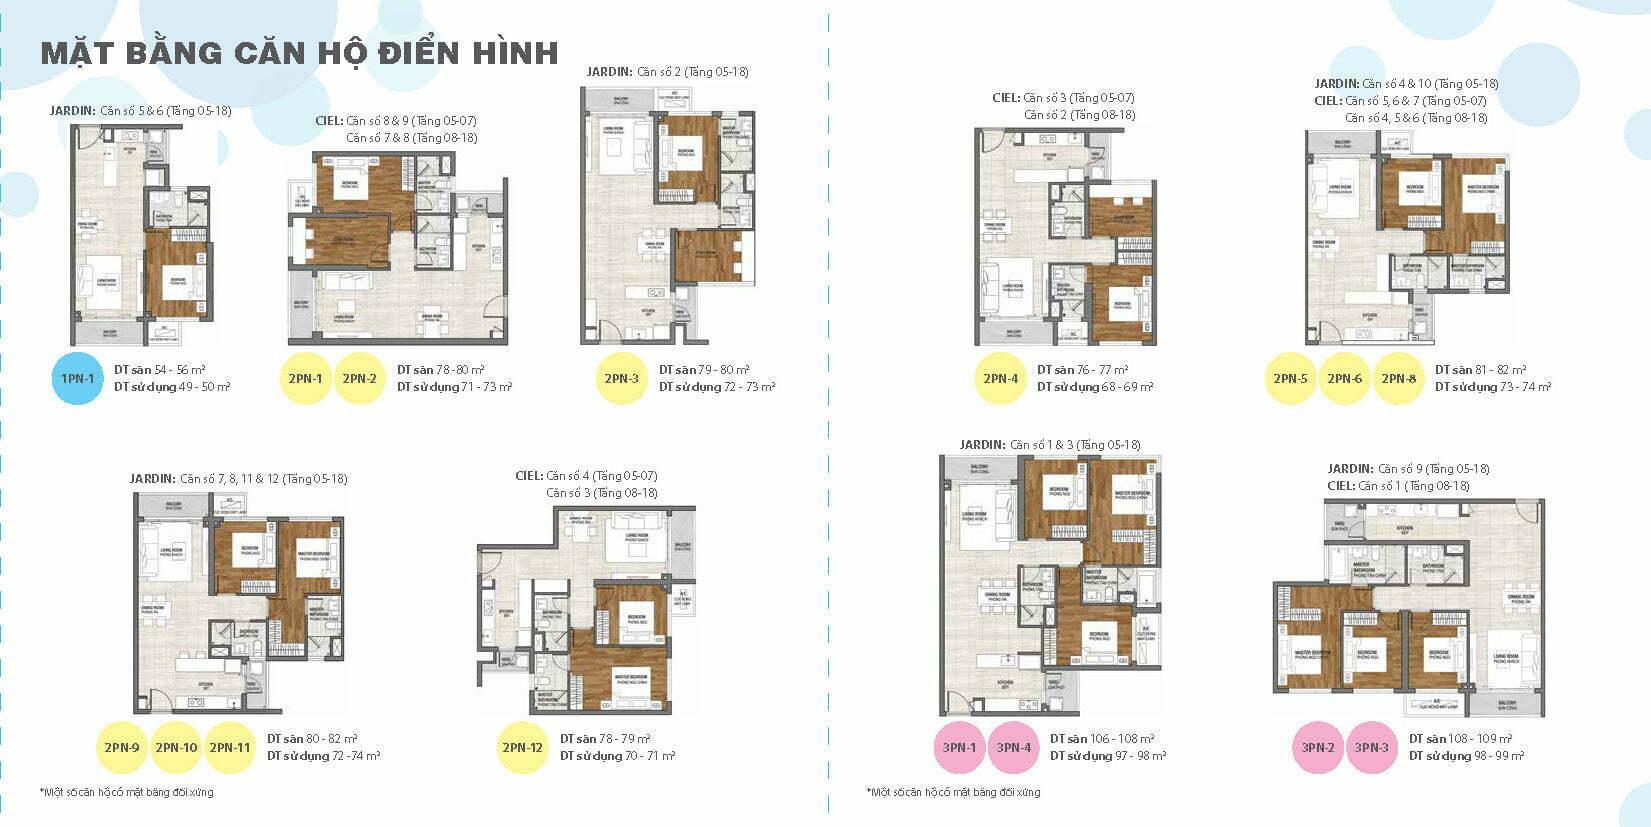 Mặt bằng căn hộ One Verandah tầng 5-18